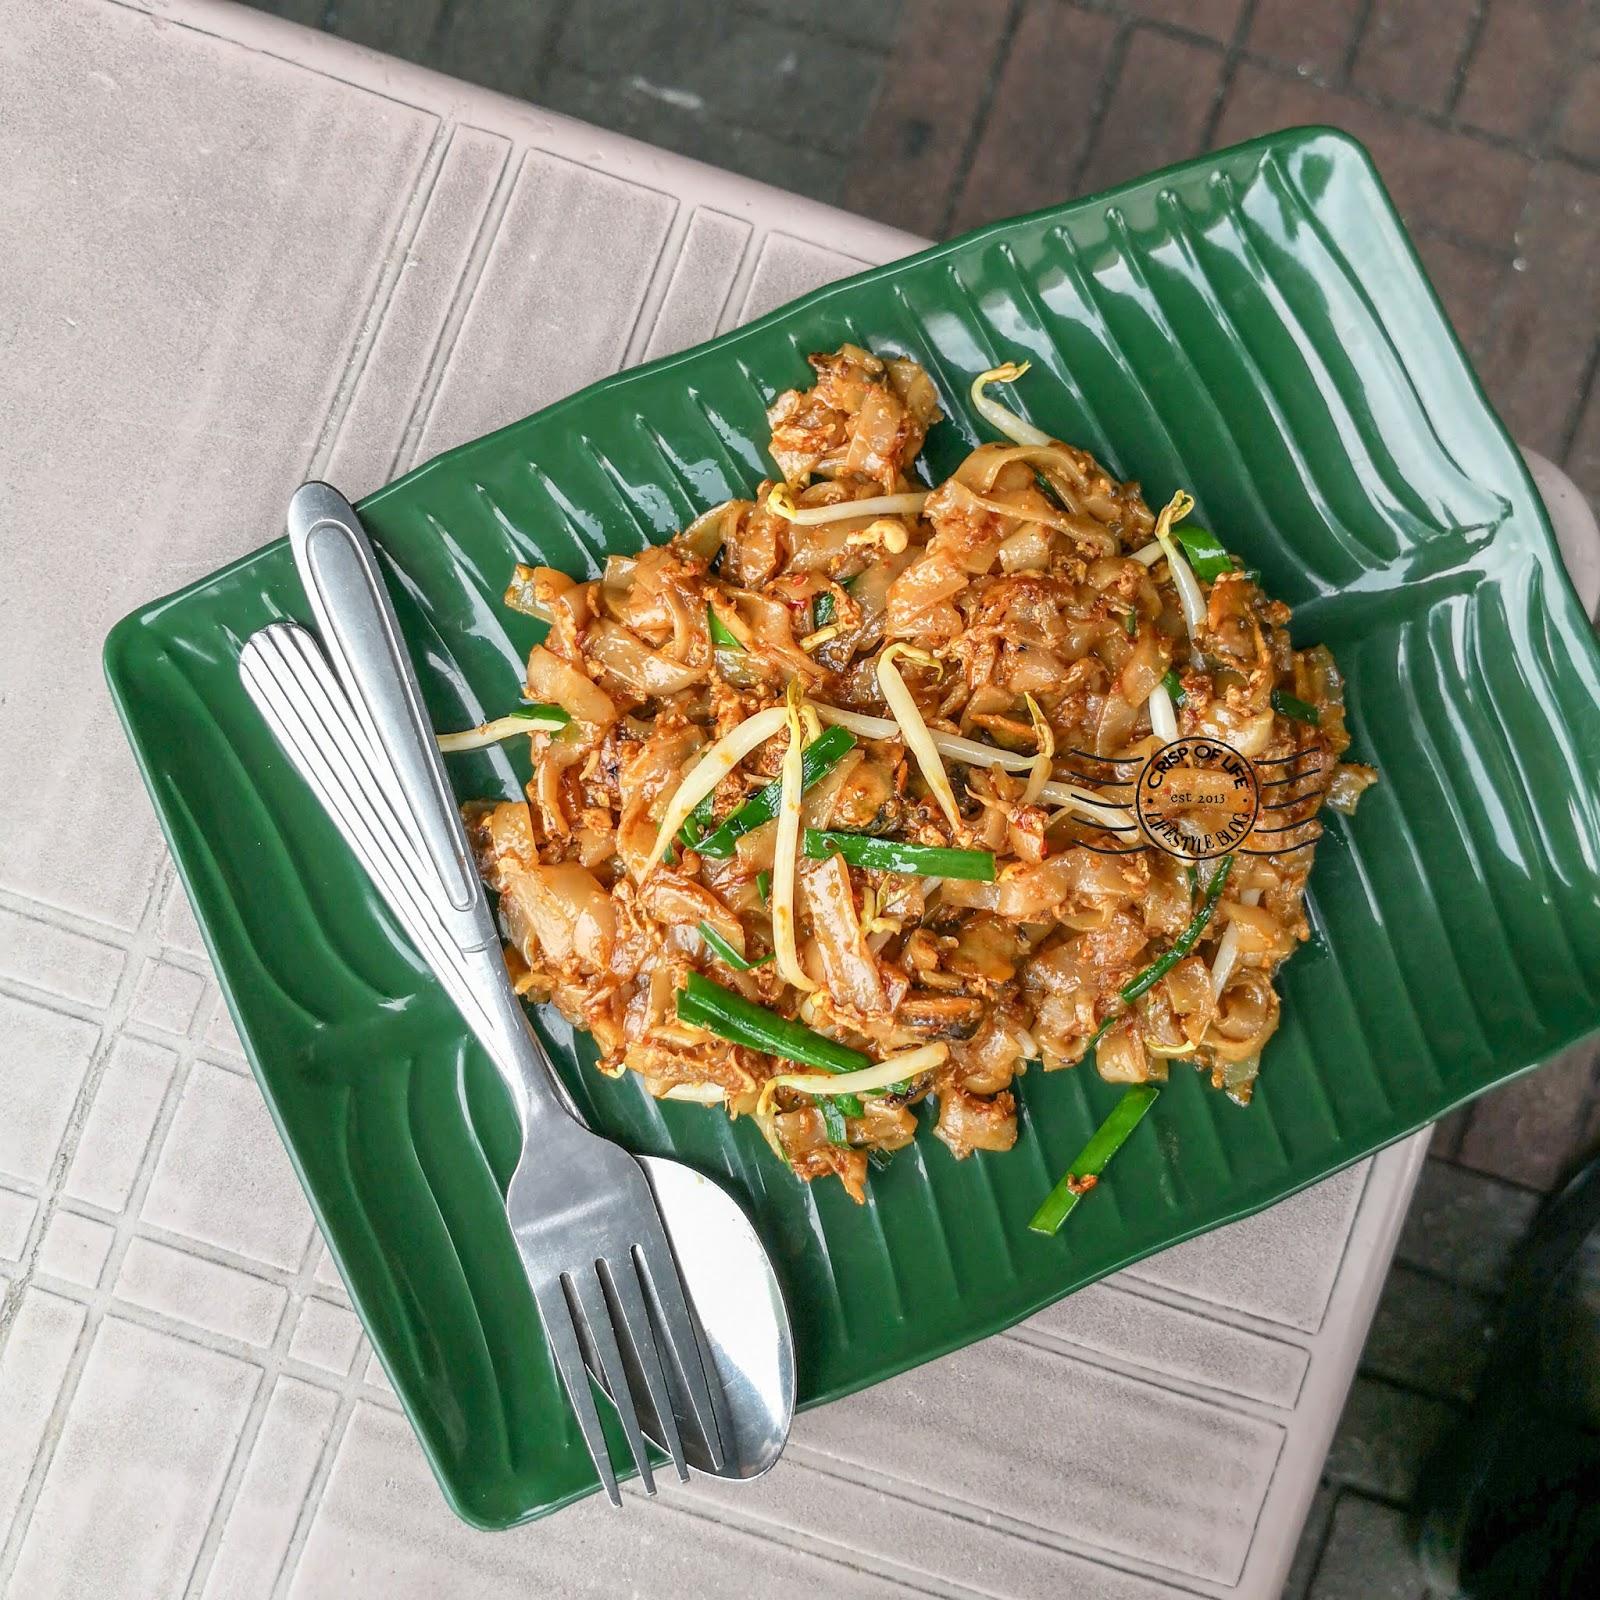 Cheese Pisang Goreng & Char Koay Teow @ Restoran Nasi Kandar CM313, Alor SetarCheese Pisang Goreng & Char Koay Teow @ Restoran Nasi Kandar CM313, Alor Setar